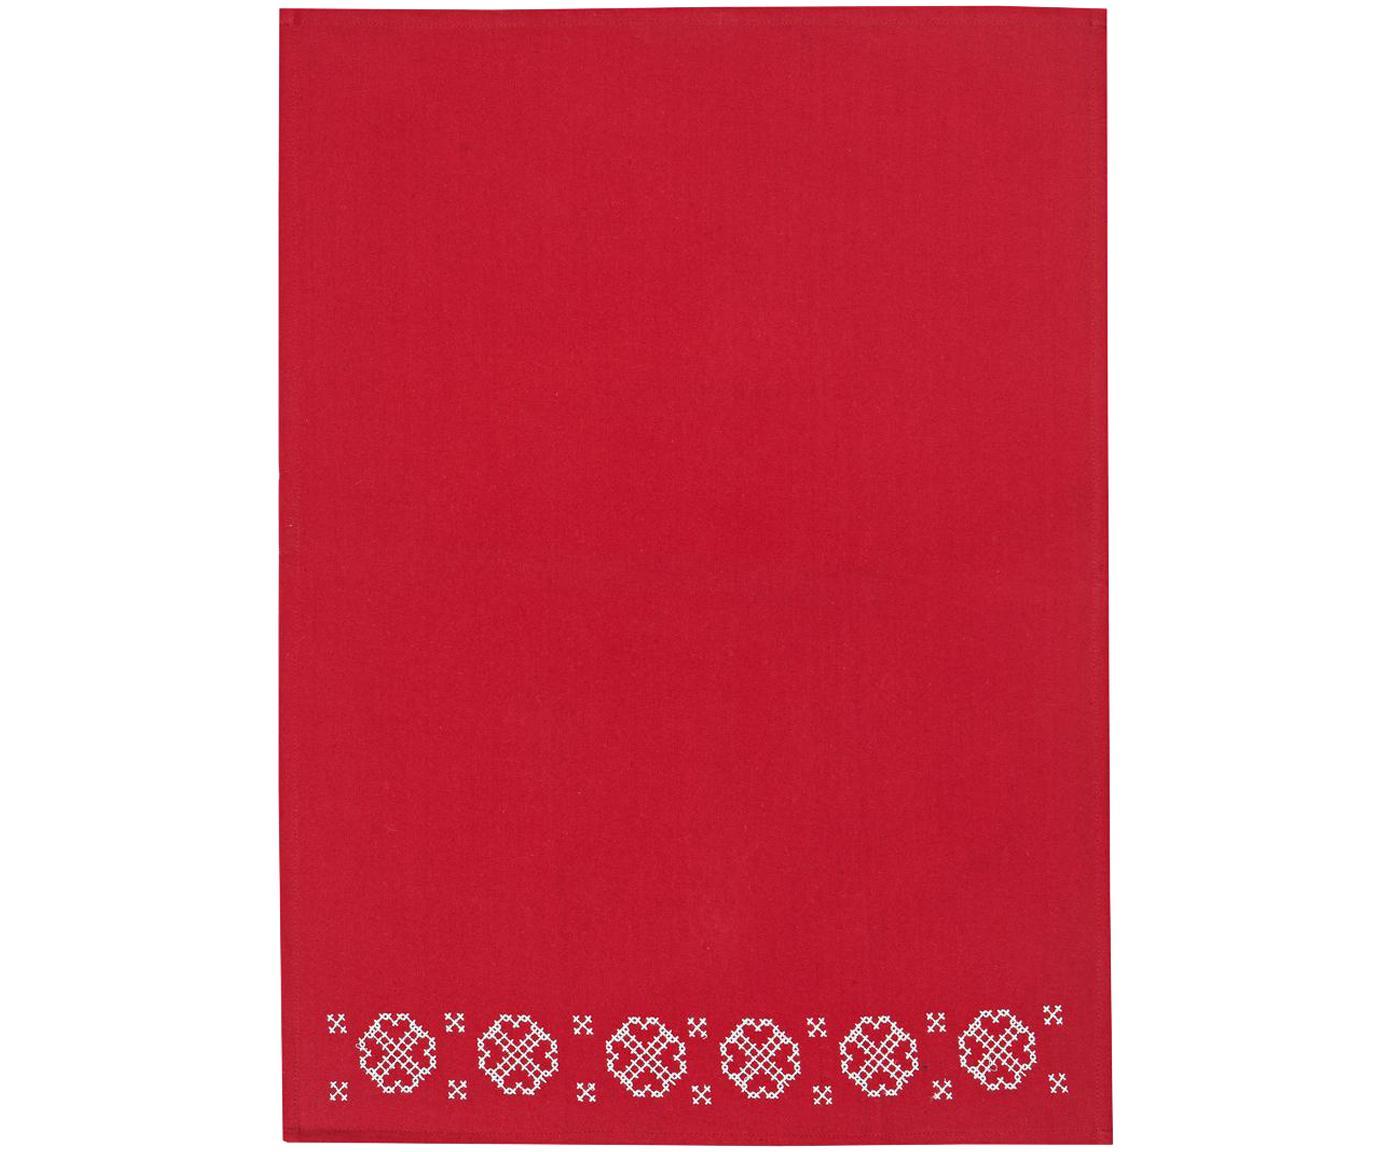 Ręcznik kuchenny Embroidery, Bawełna, Czerwony, biały, D 70 x S 50 cm